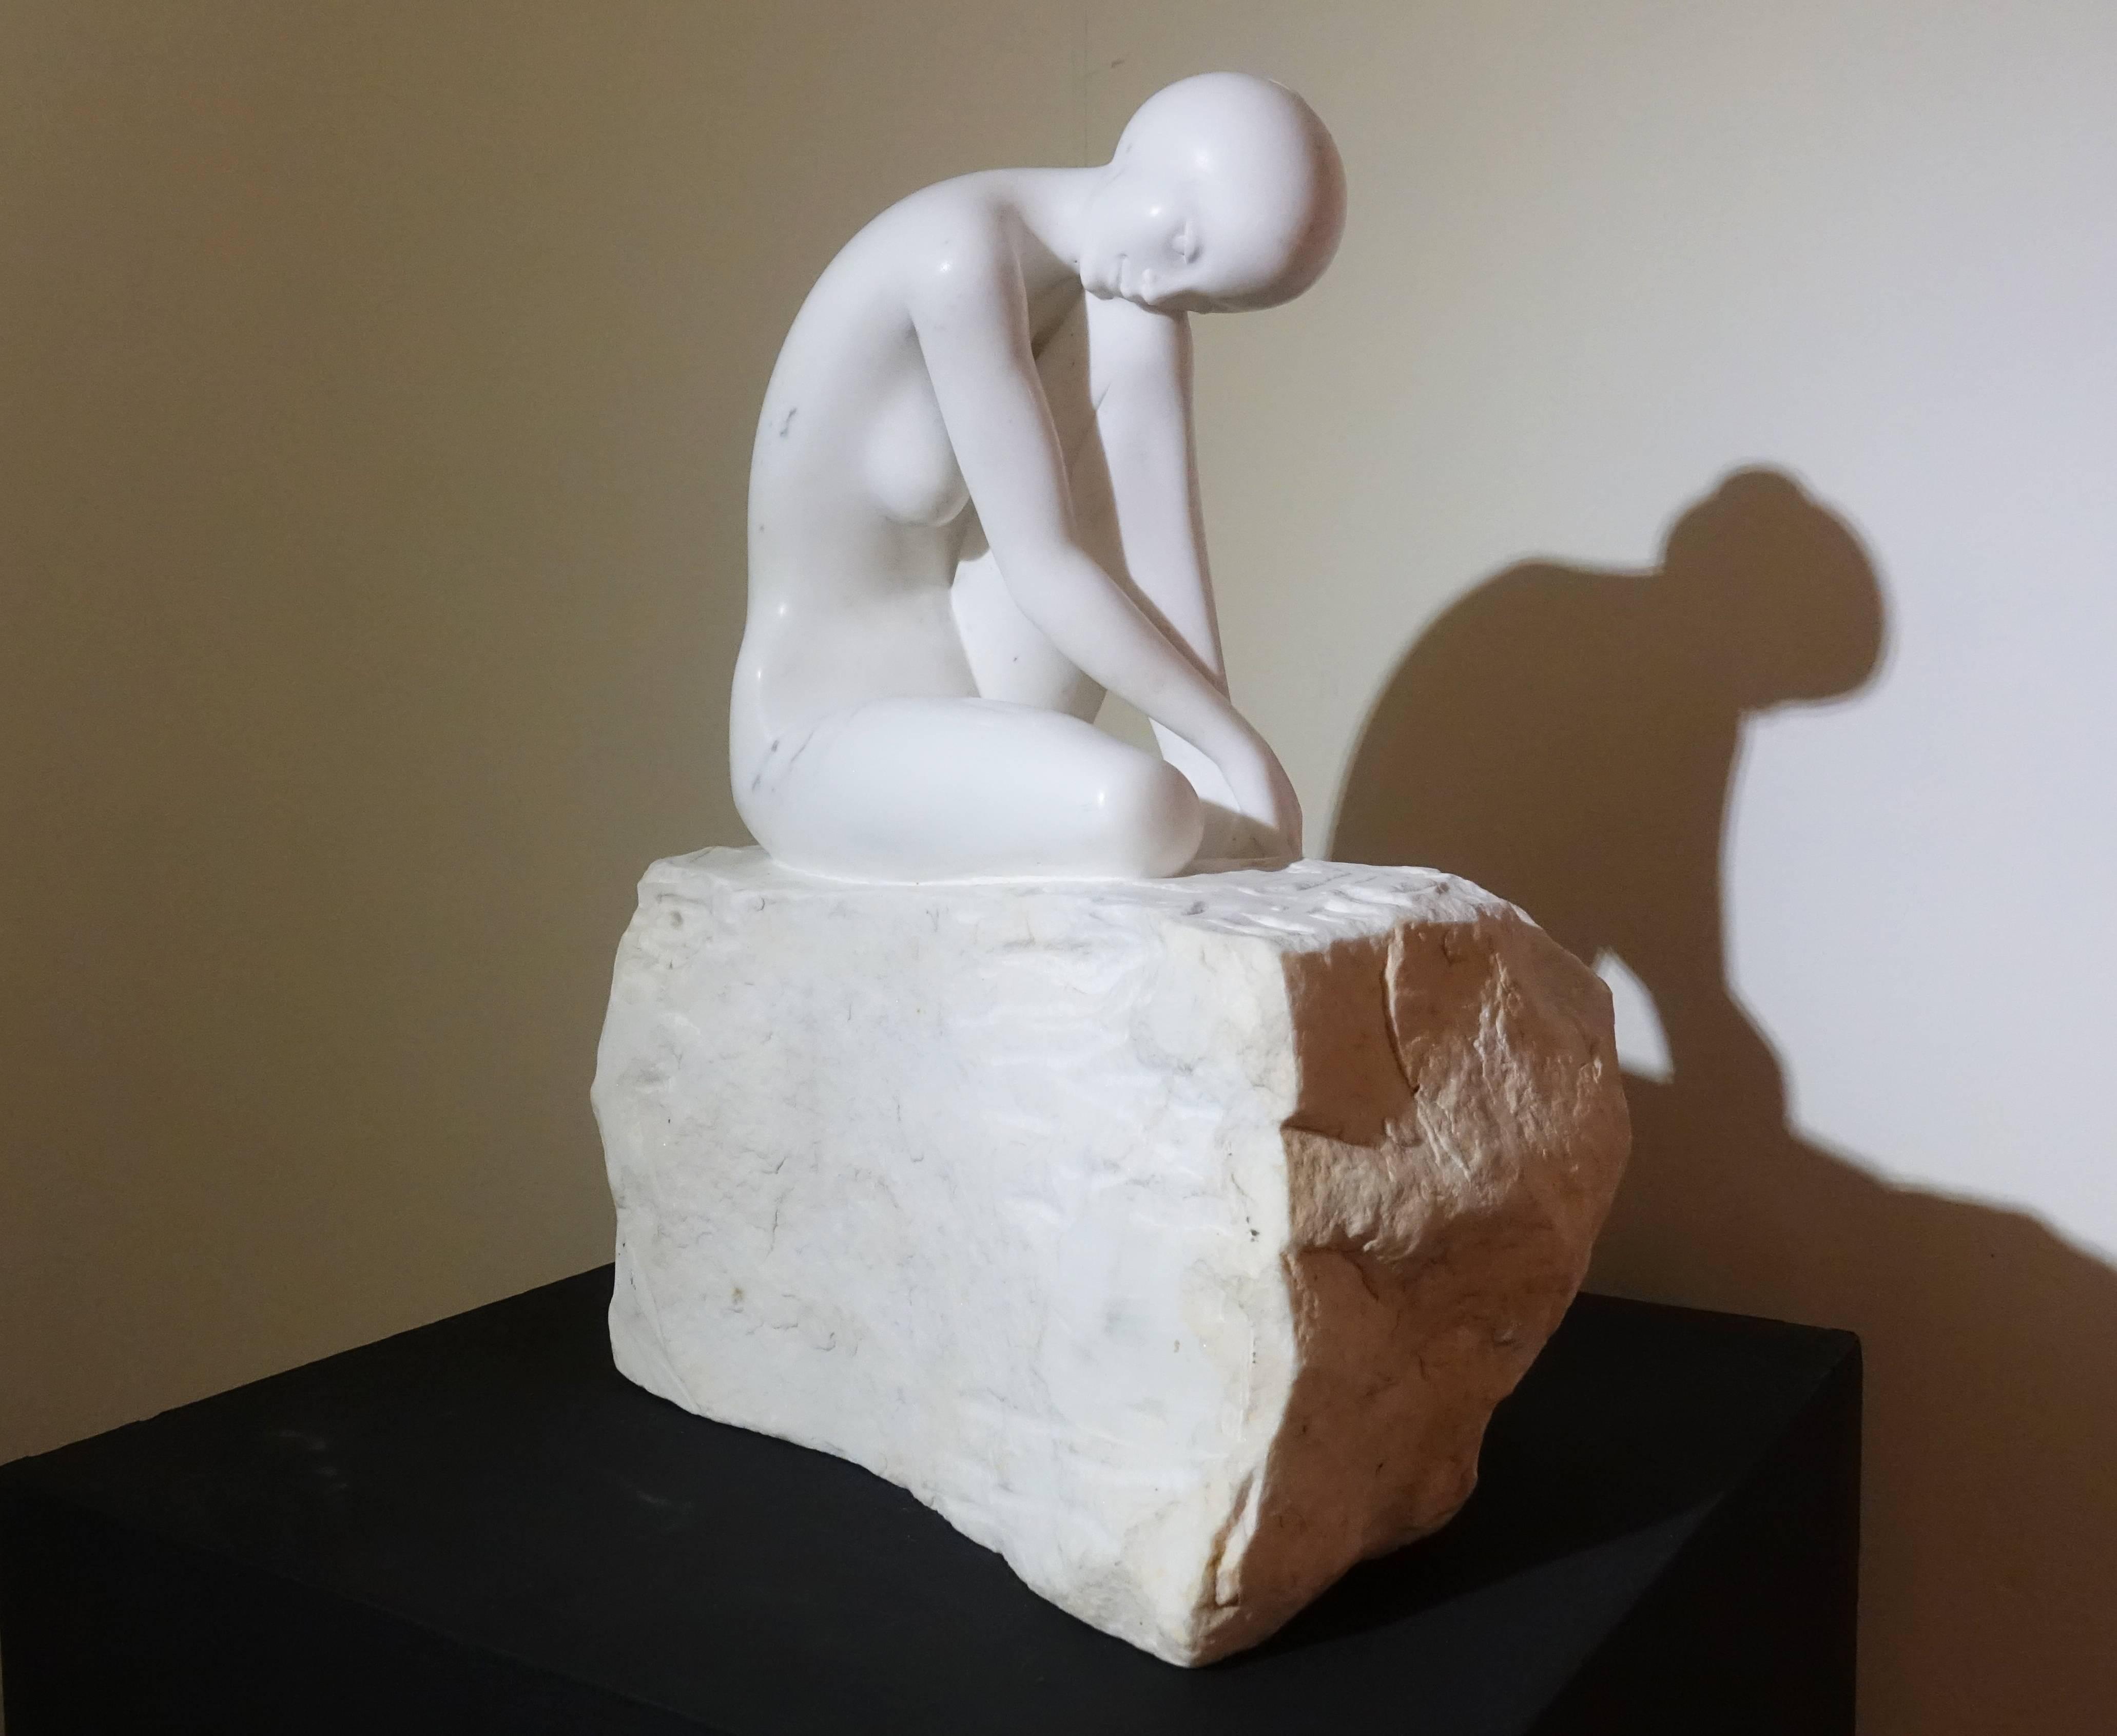 張國榮,《沉酣》,45 x 40 x 60 cm,卡拉拉大理石,2013。